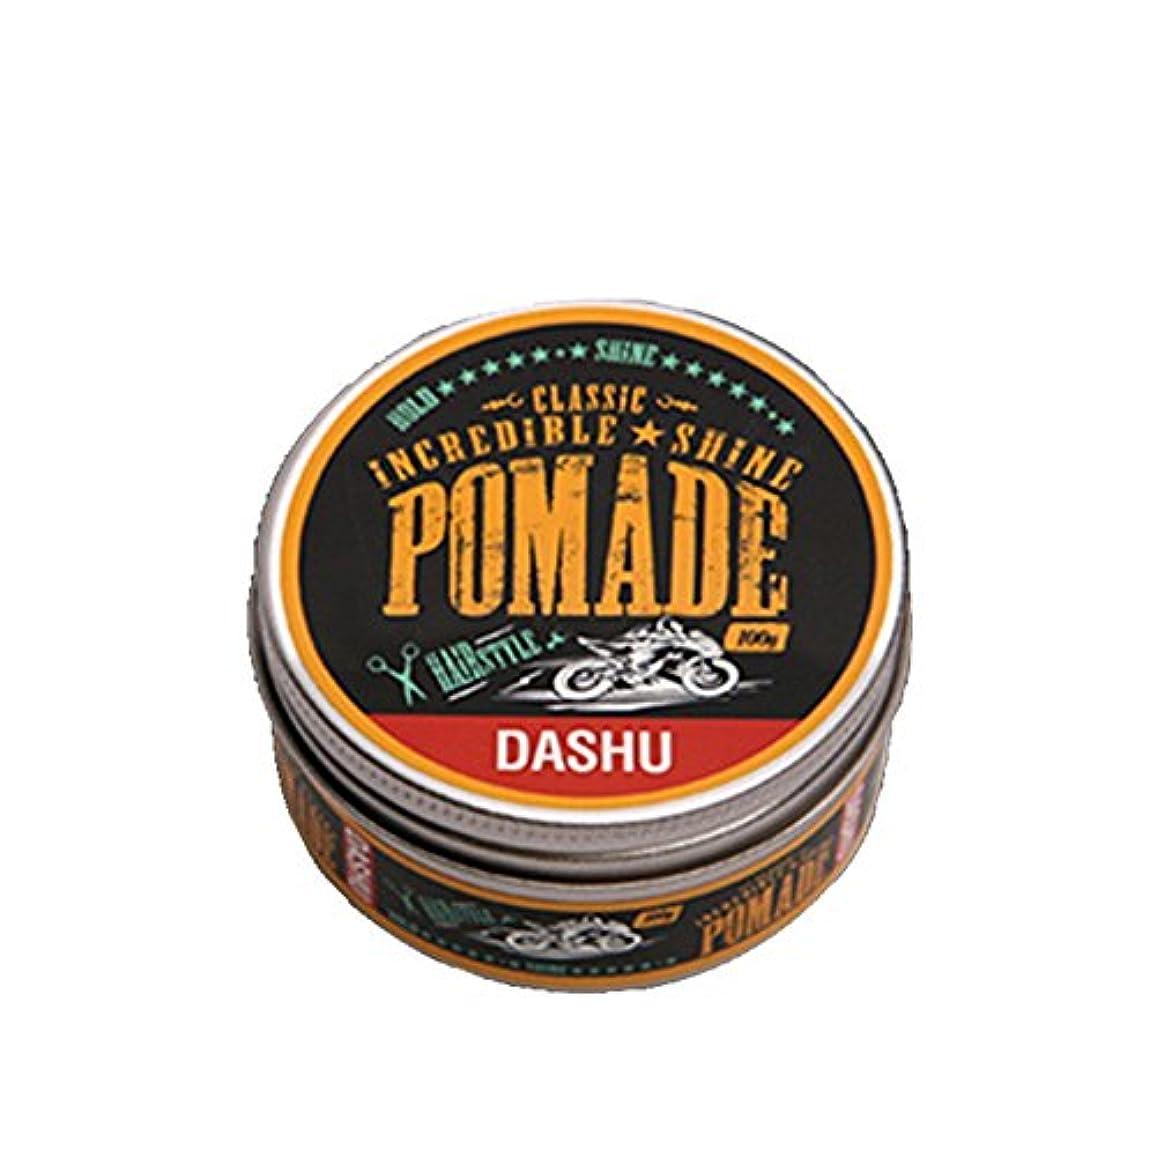 健全作動する刻む[DASHU] ダシュ クラシック 信じられないほどの輝き ポマードワックス Classic Incredible Shine Pomade Hair Wax 100ml / 韓国製 . 韓国直送品